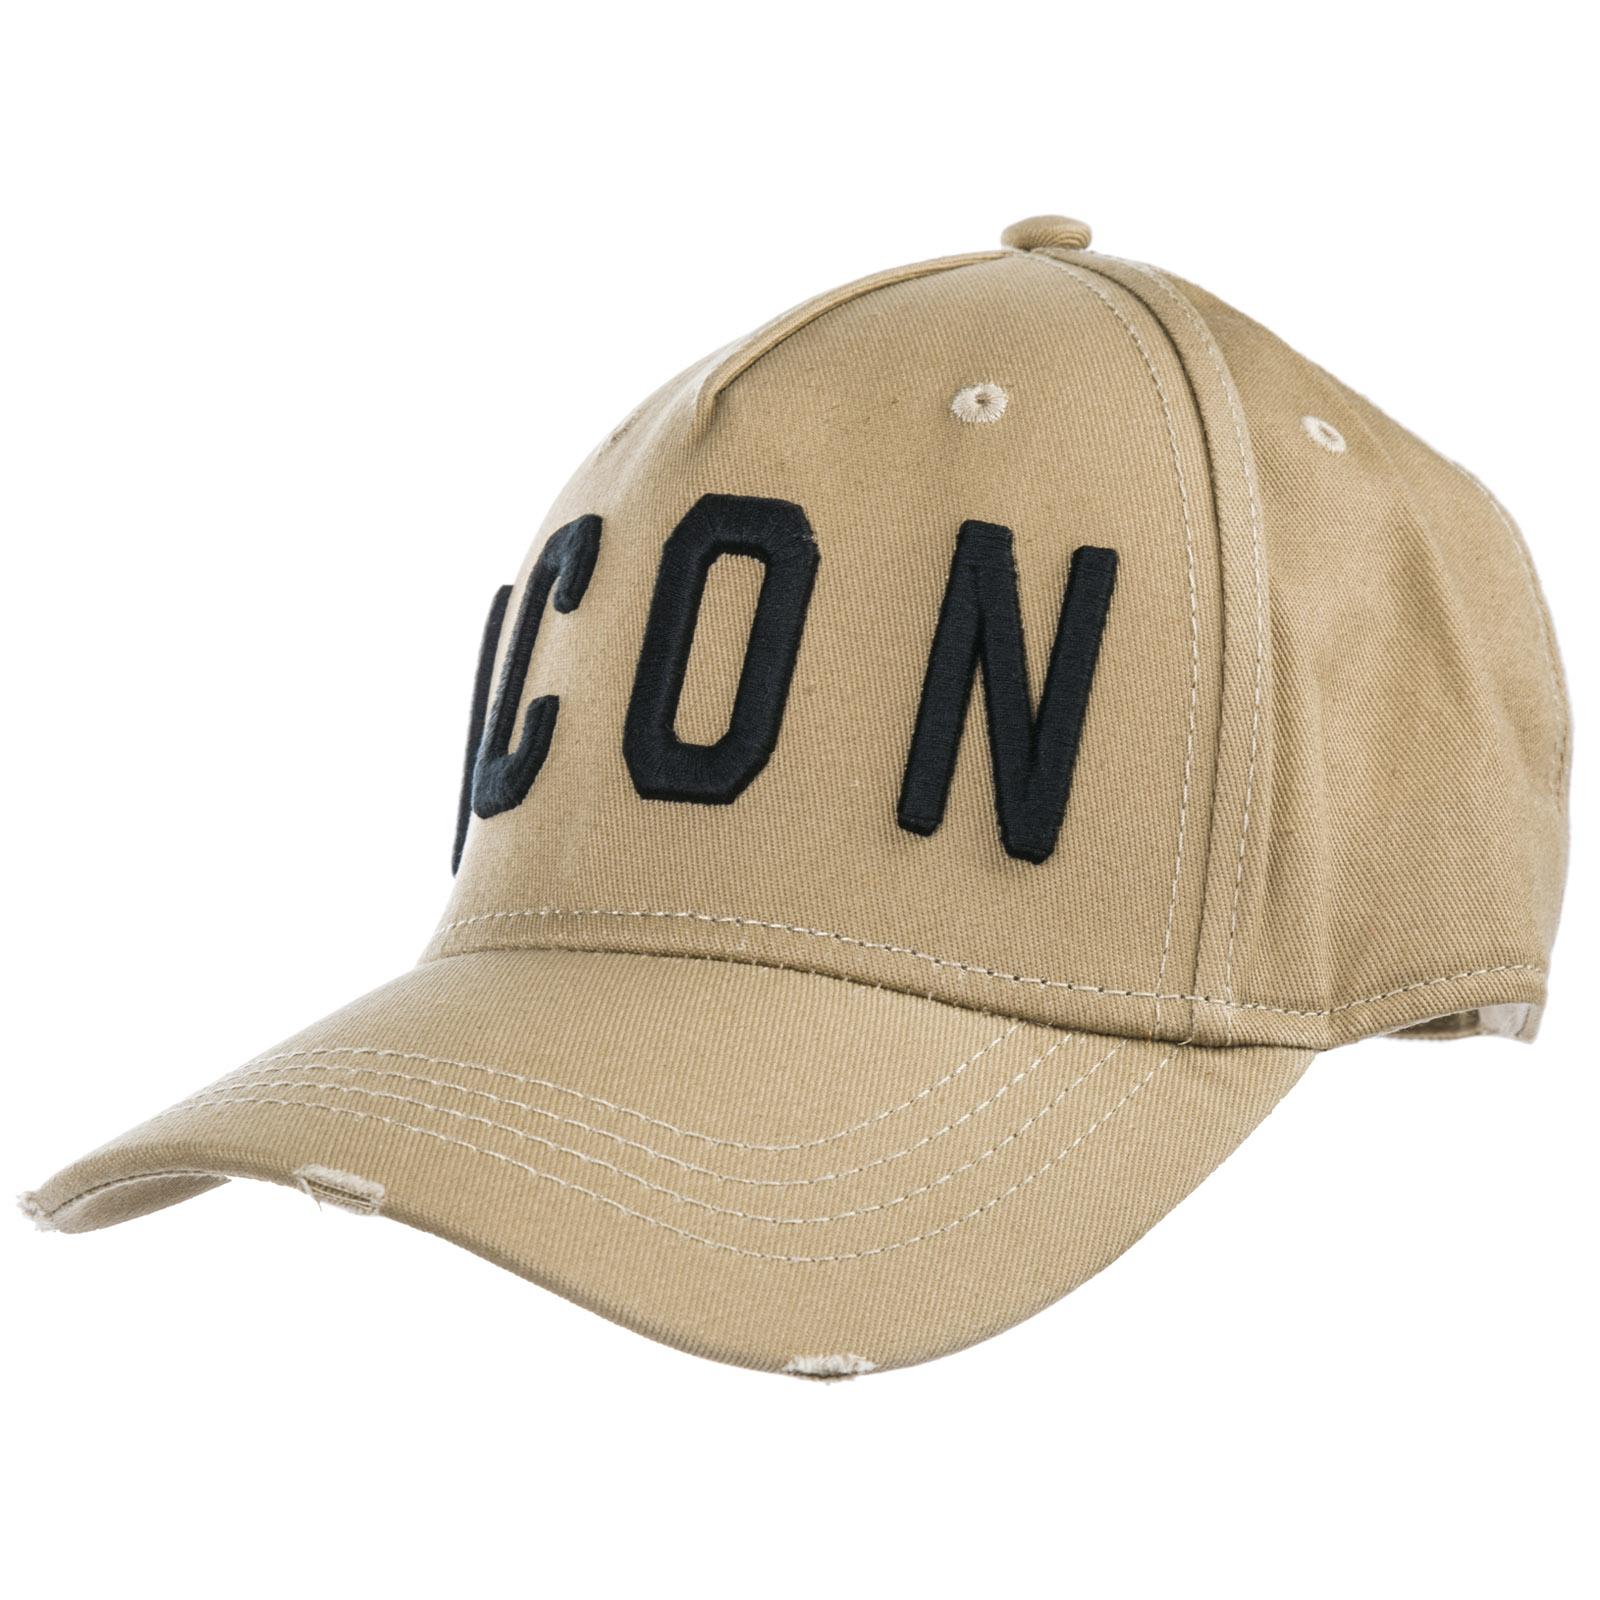 Dsquared2 Cappello berretto regolabile uomo in cotone icon 630f5bdd9760